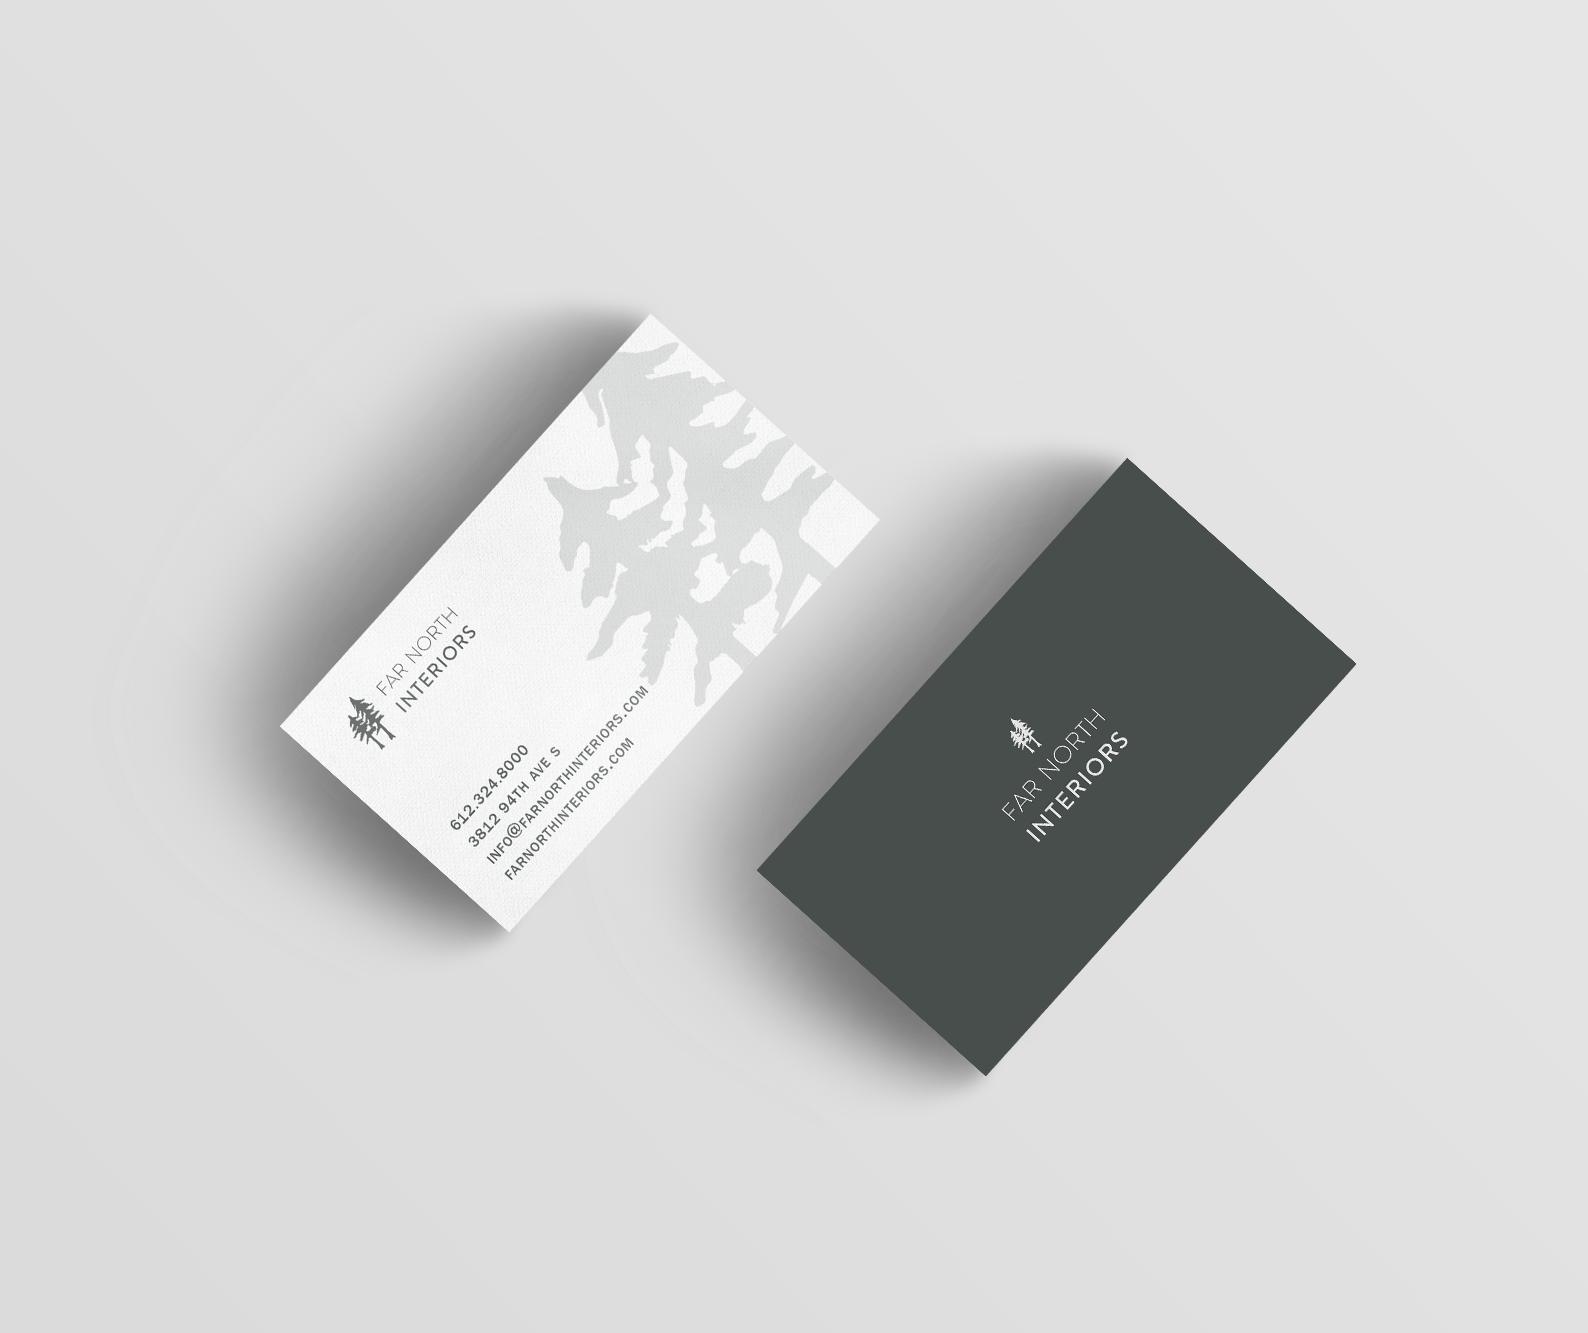 interiordesignbusinesscard